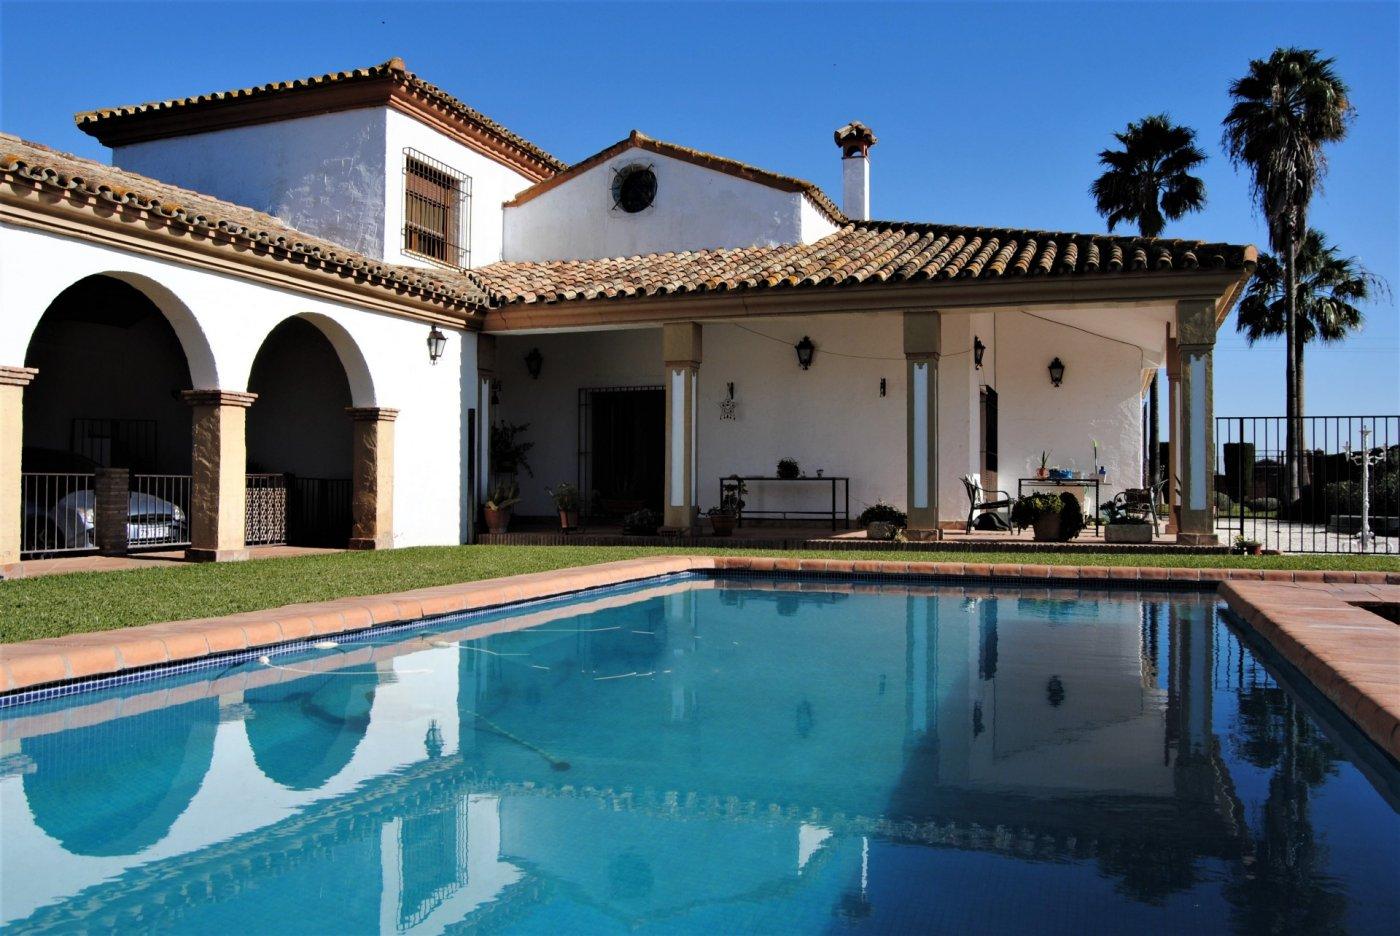 casa-con-terreno en encinarejo-de-cordoba · encinarejo 369000€